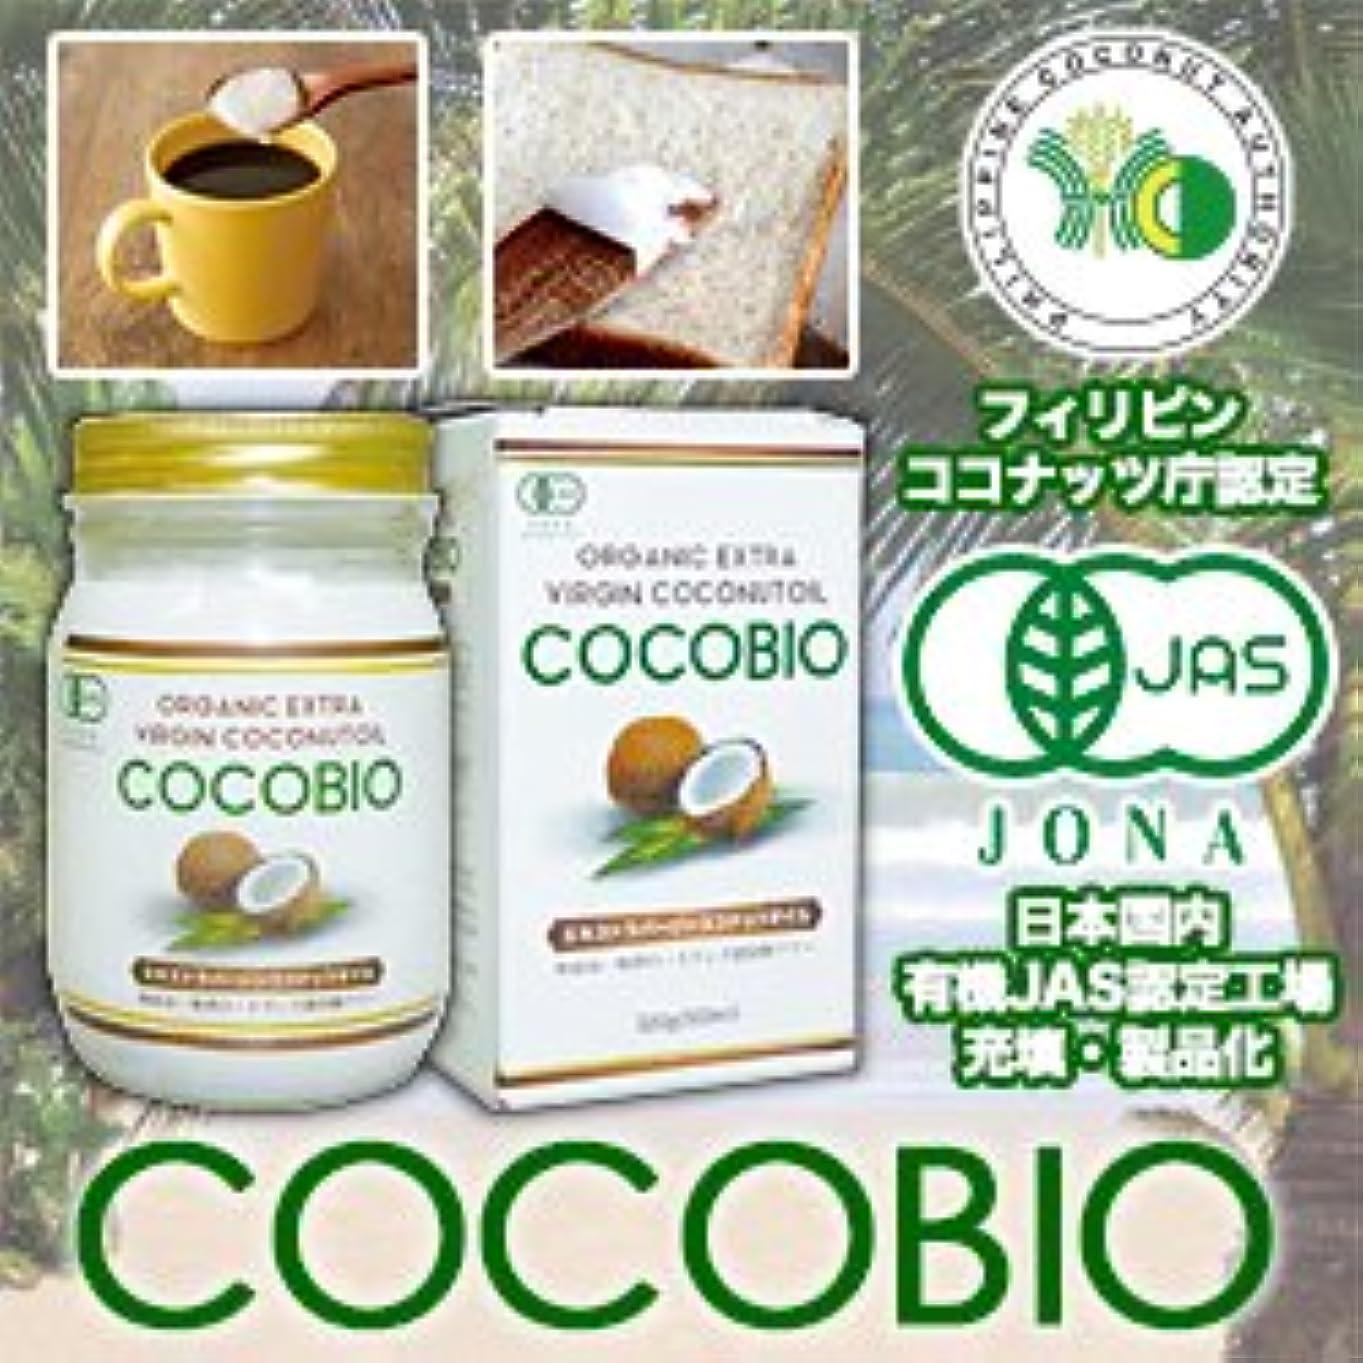 絶妙満員従う【特殊栄養食品研究所】【有機ココナッツオイル】 ココビオ(COCOBIO) 320g [350ml] ×20個セット